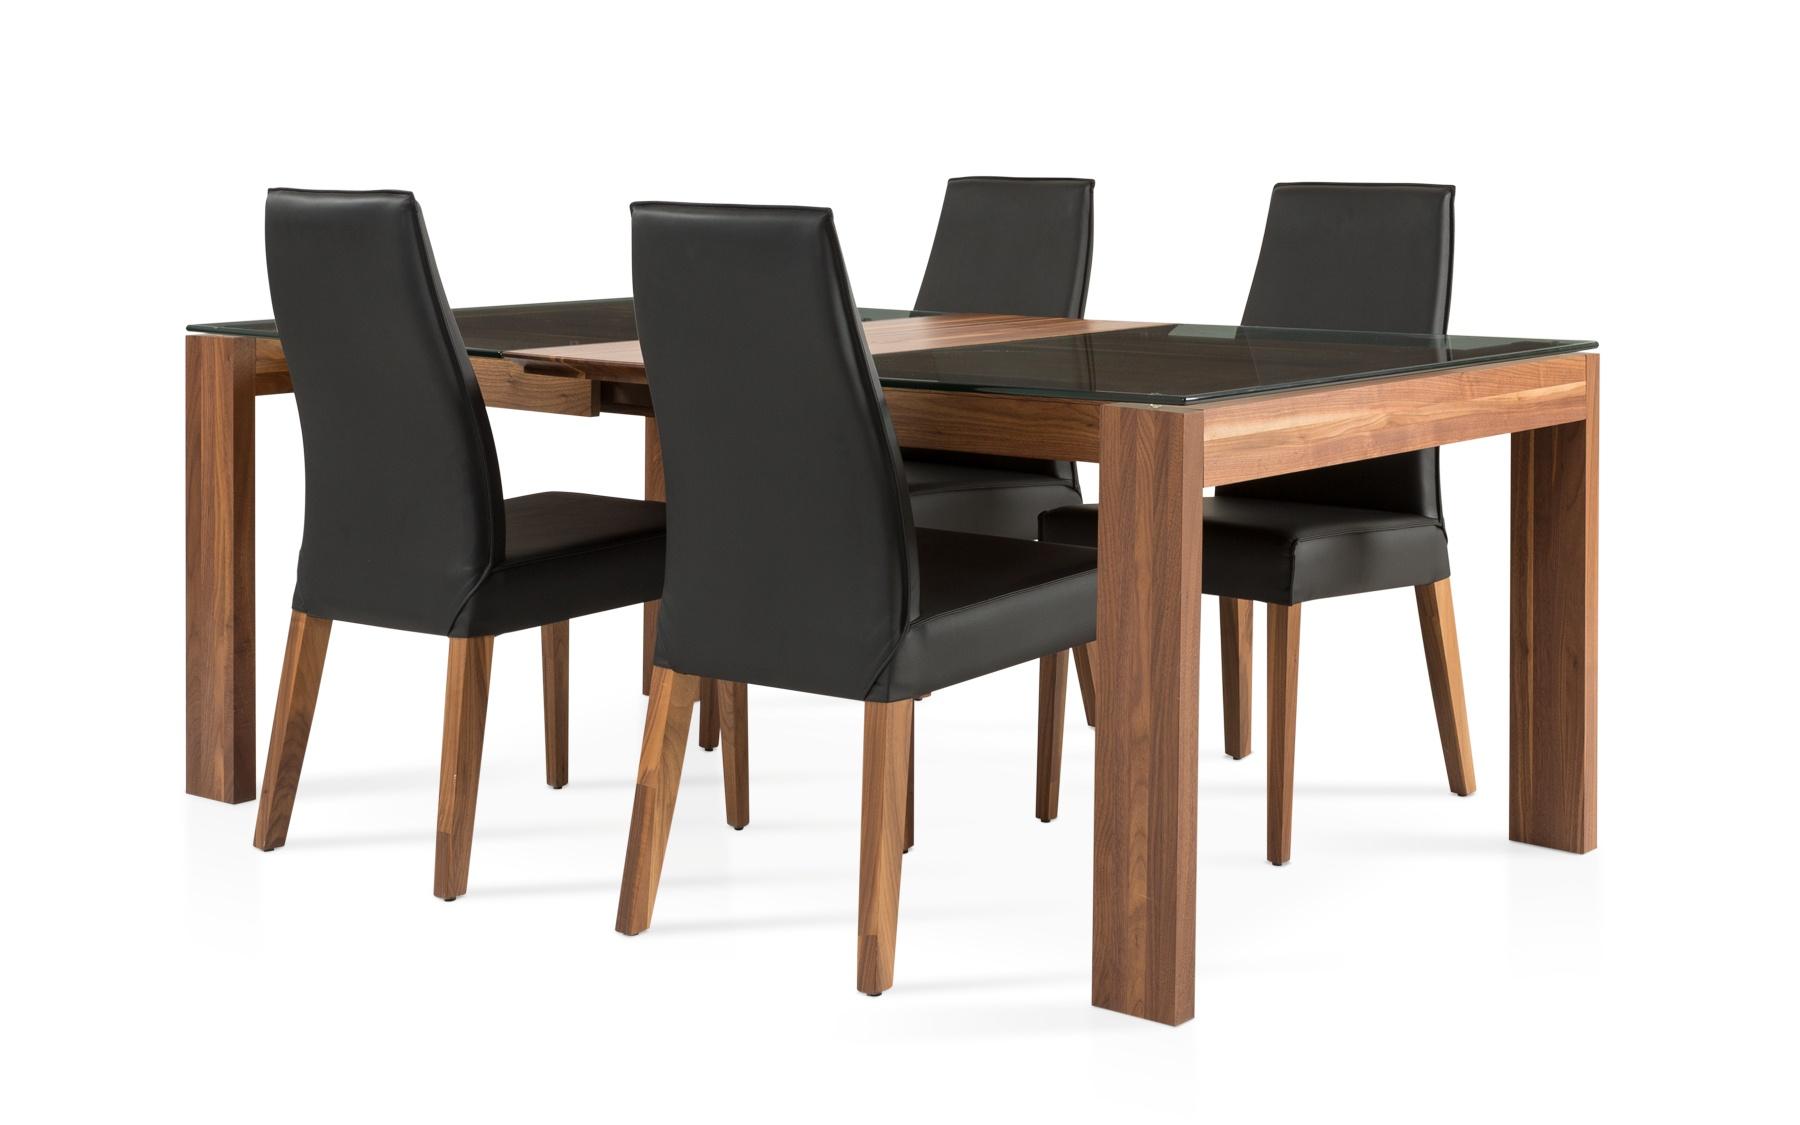 Chaise co543 chaises salles manger la galerie du for La galerie du meuble